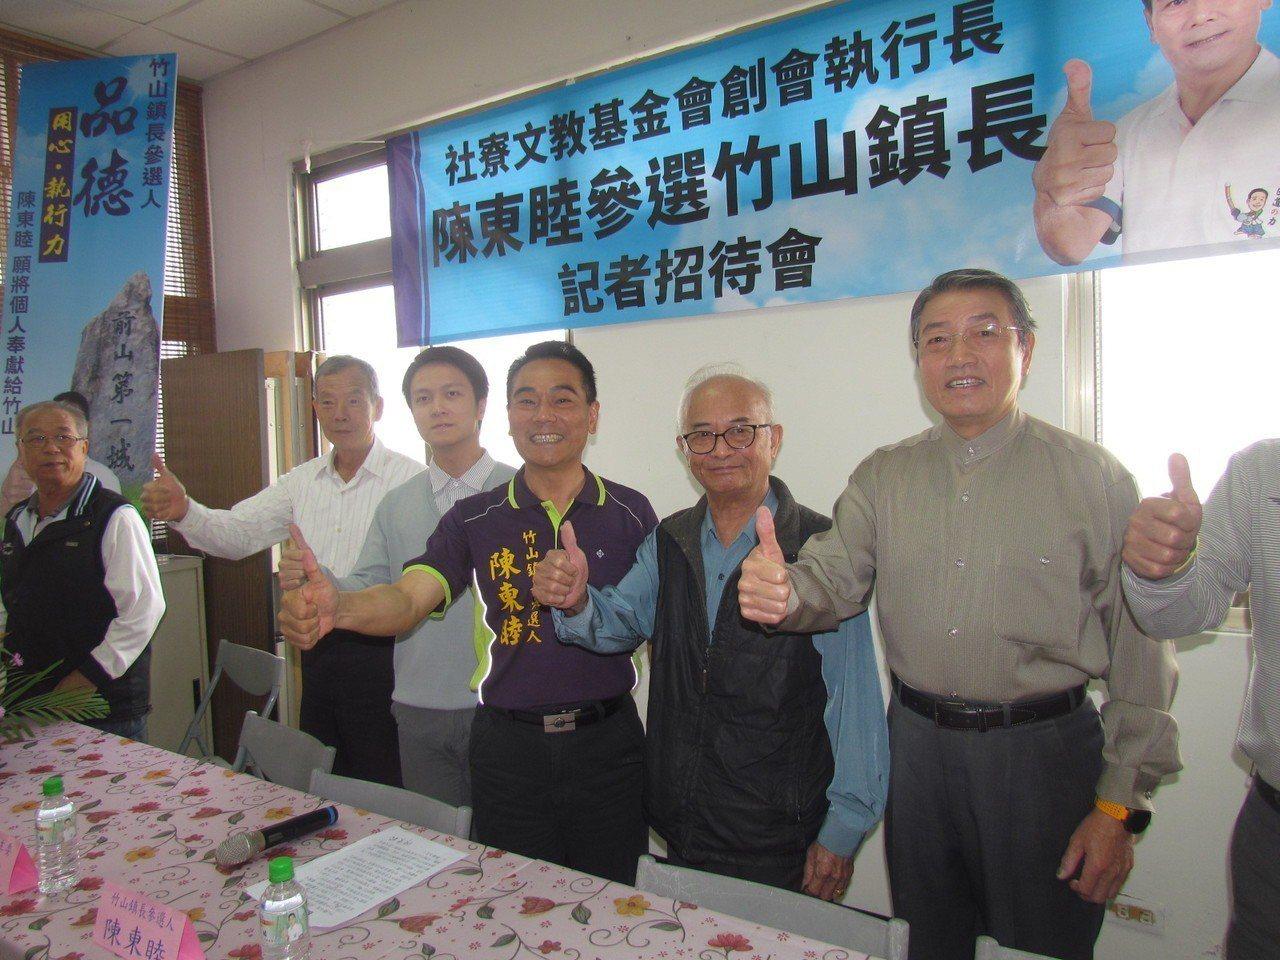 陳東睦(右三)上午在支持者陪同下宣布參選竹山鎮長。記者張家樂/攝影